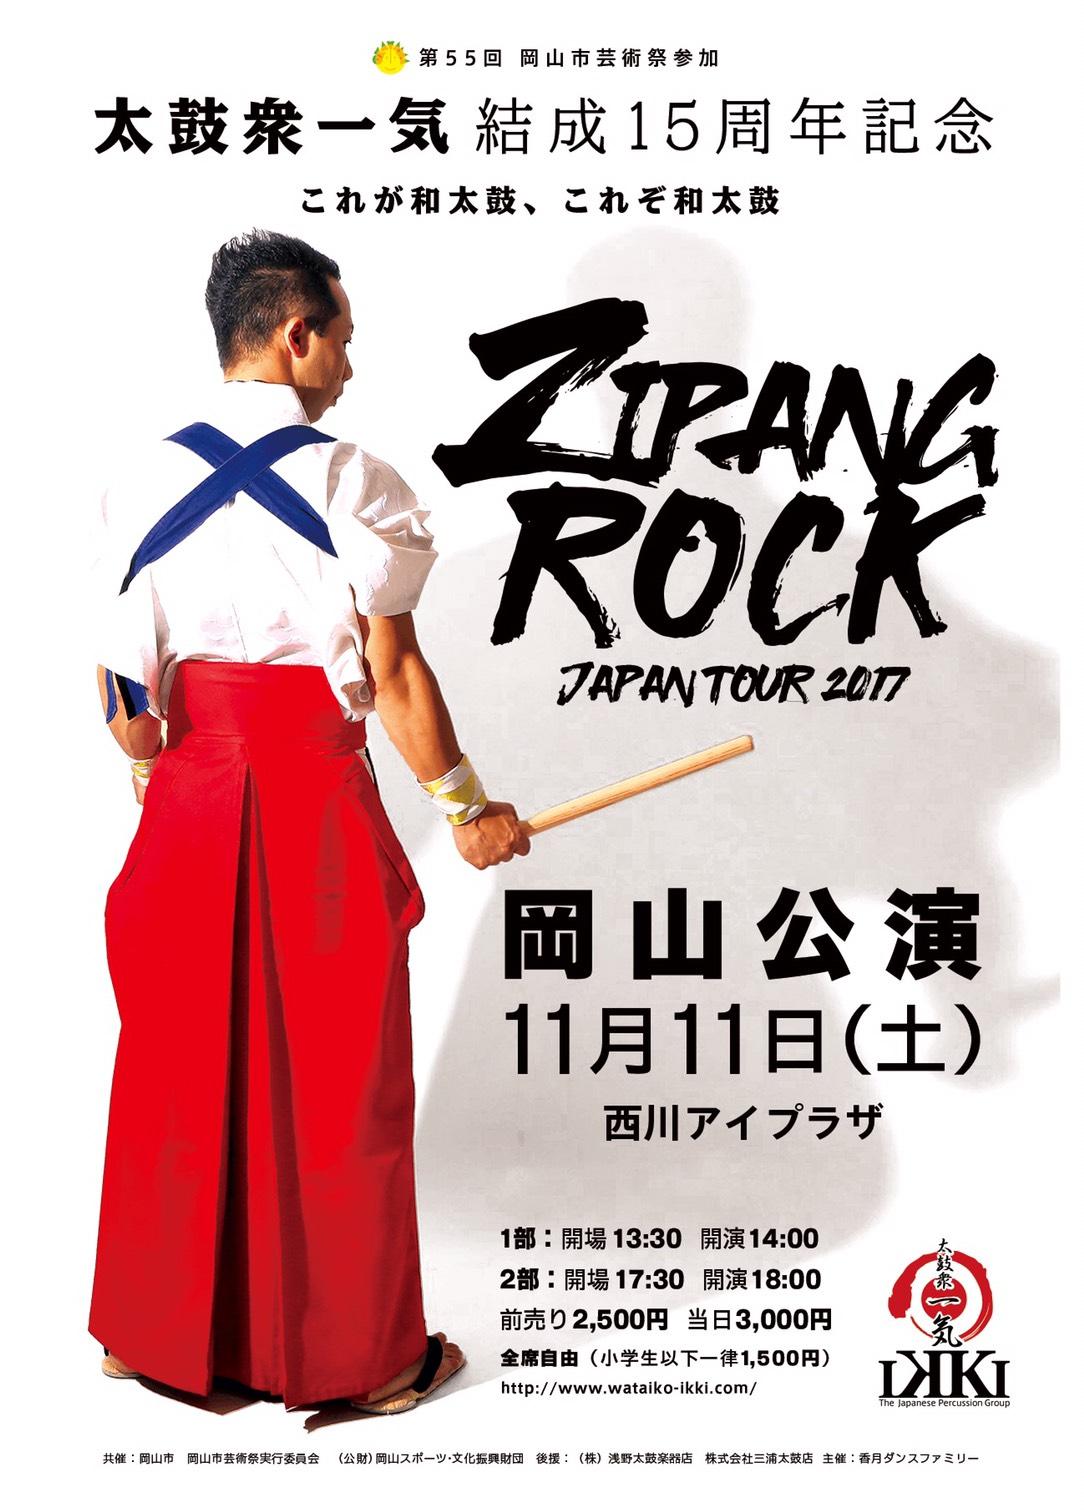 太鼓衆一気結成15周年記念 -ZIPANG ROCK- Japan Tour 2017 岡山公演 (夜公演)